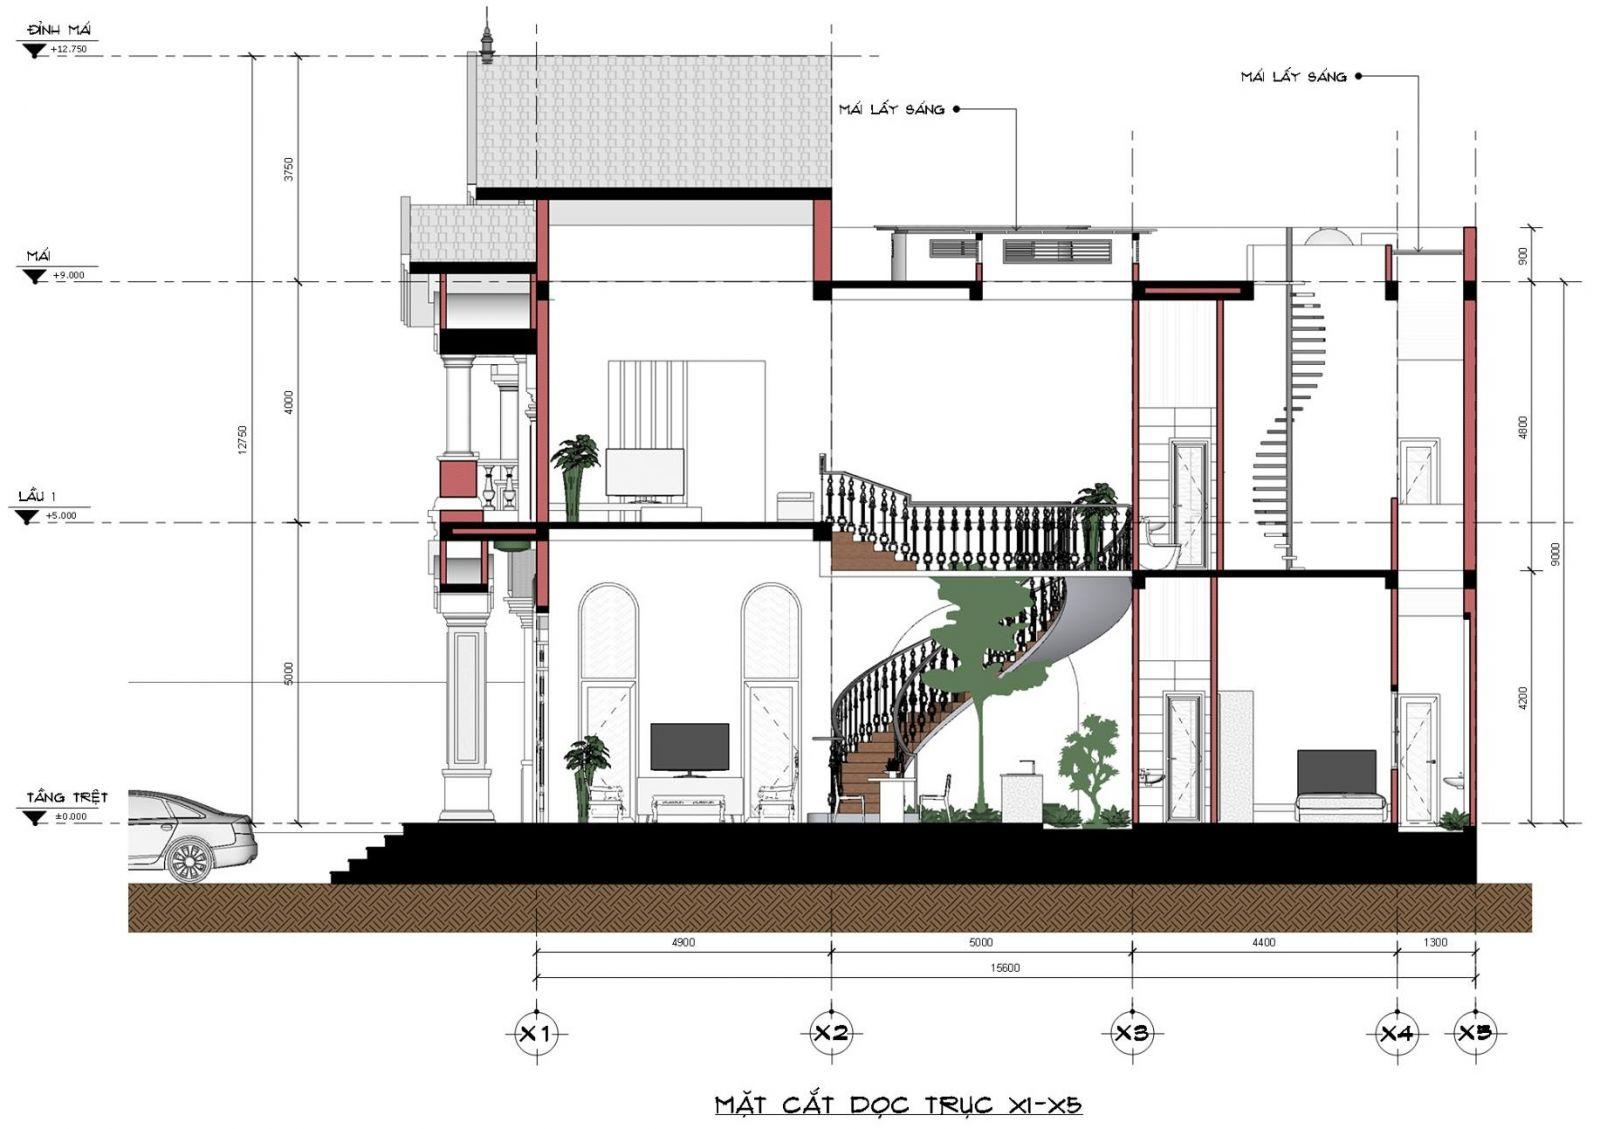 Mặt cắt nhà mặt phố mái thái 2 tầng